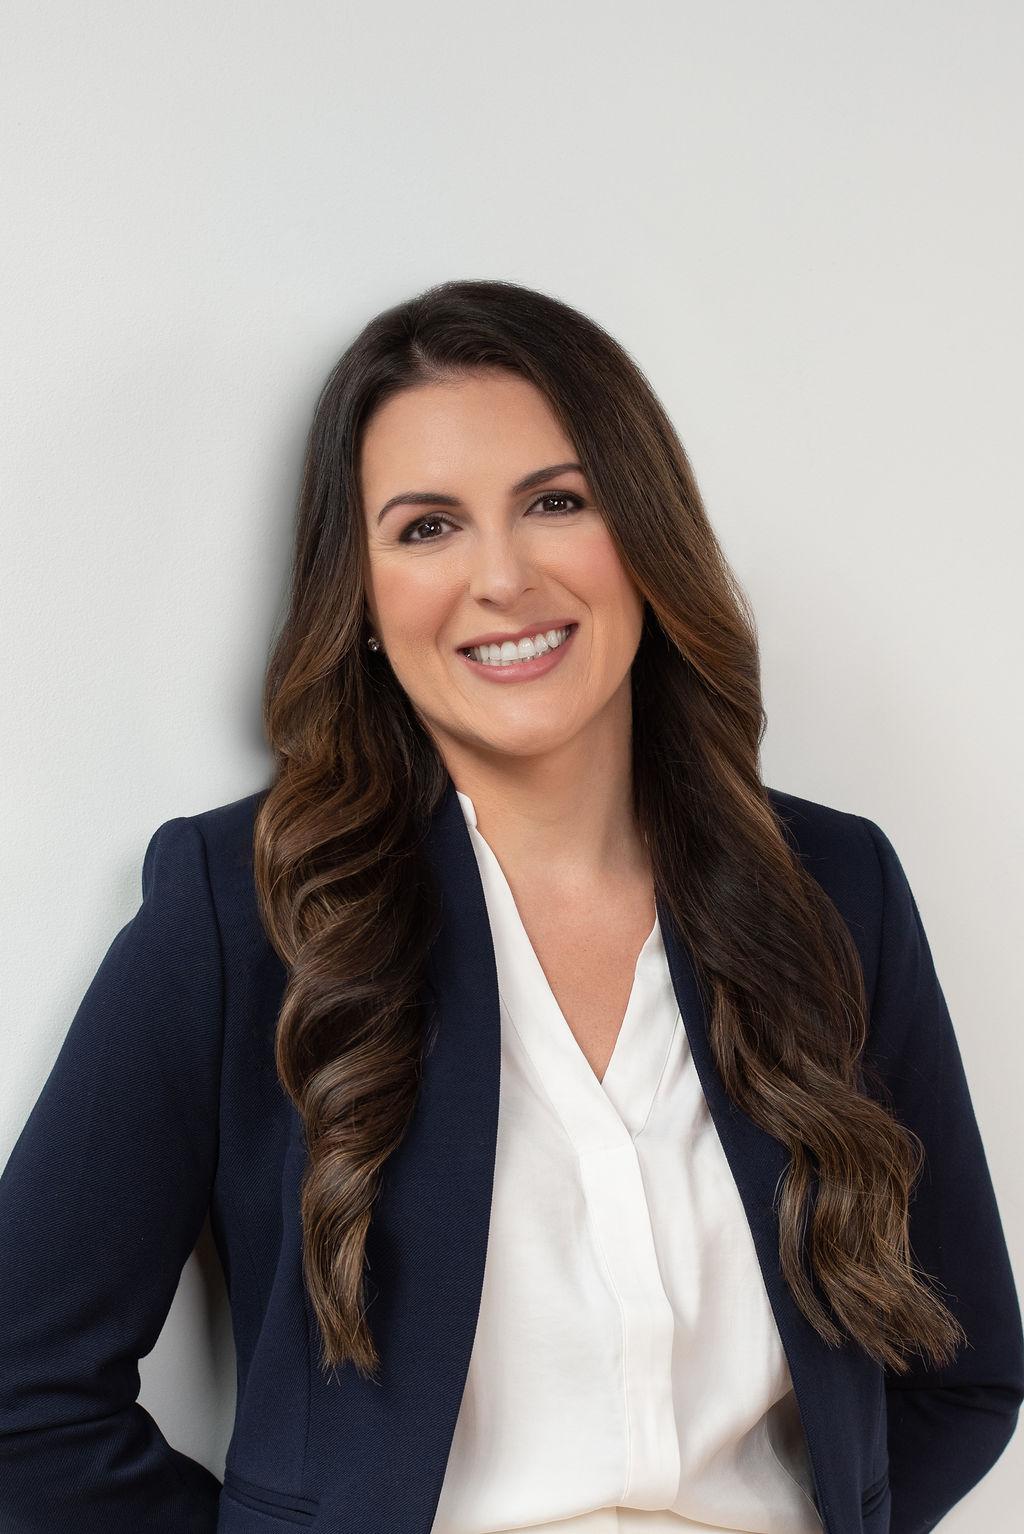 Melissa Perrine